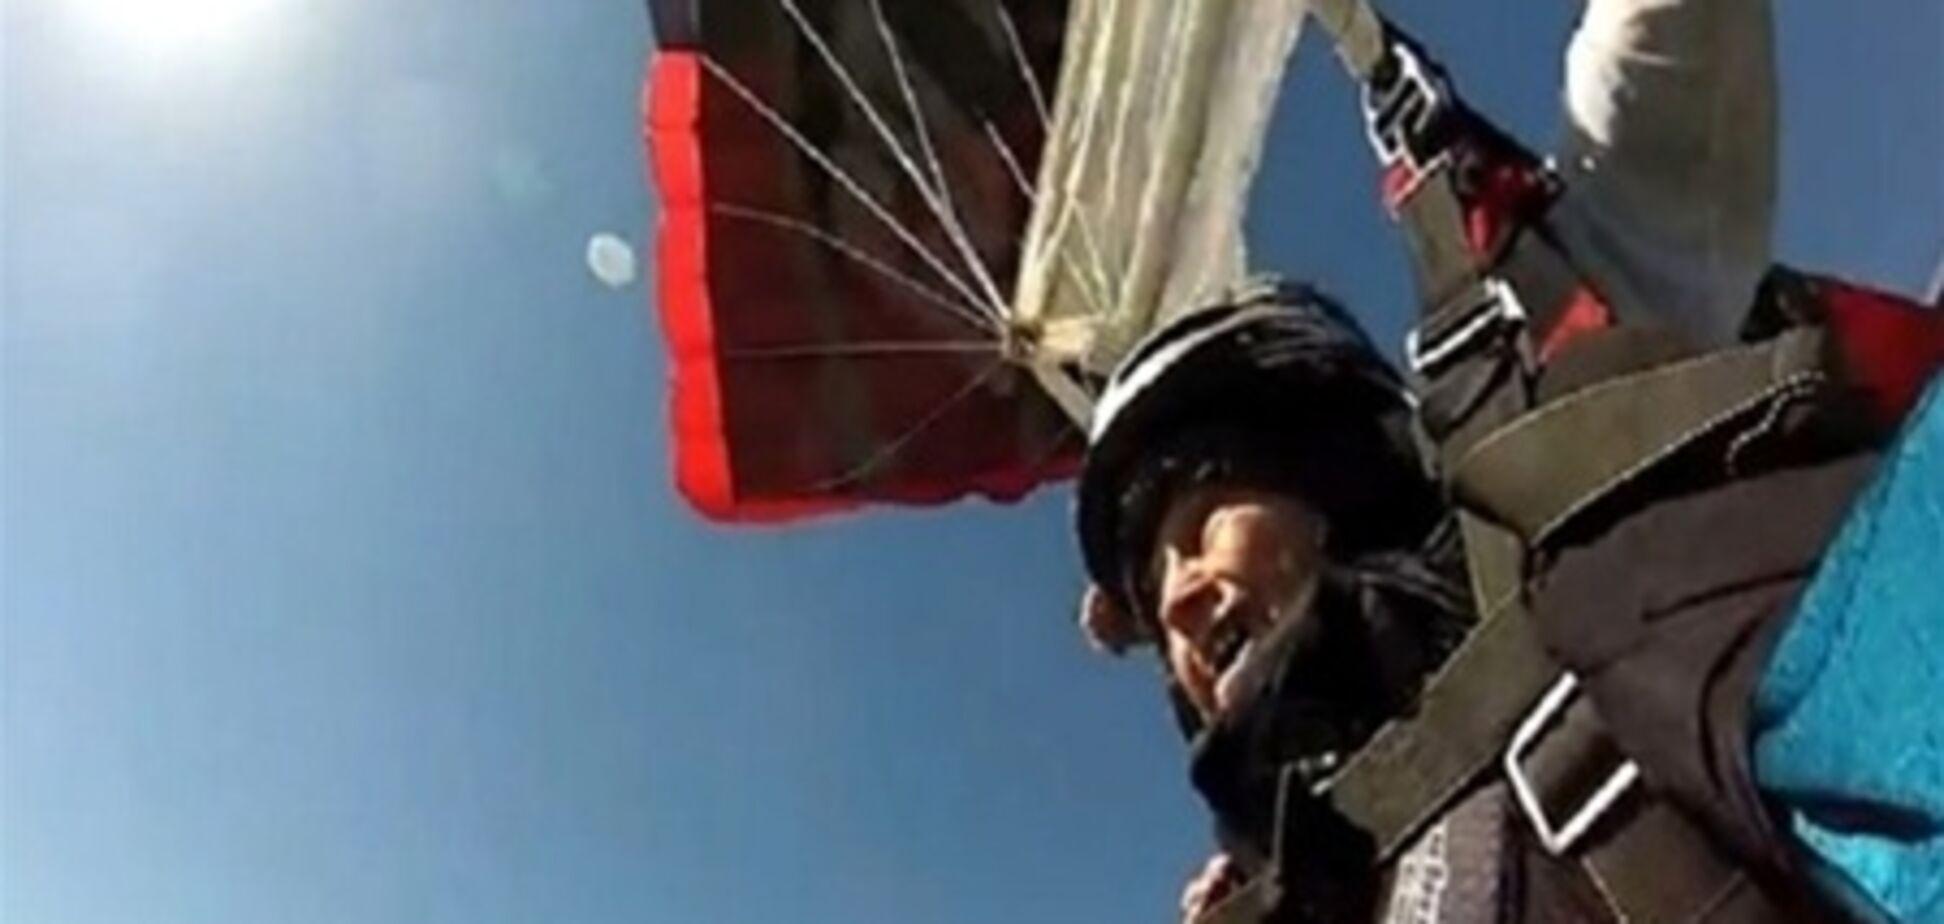 102-річна екстремалка стрибнула з мосту. Відео